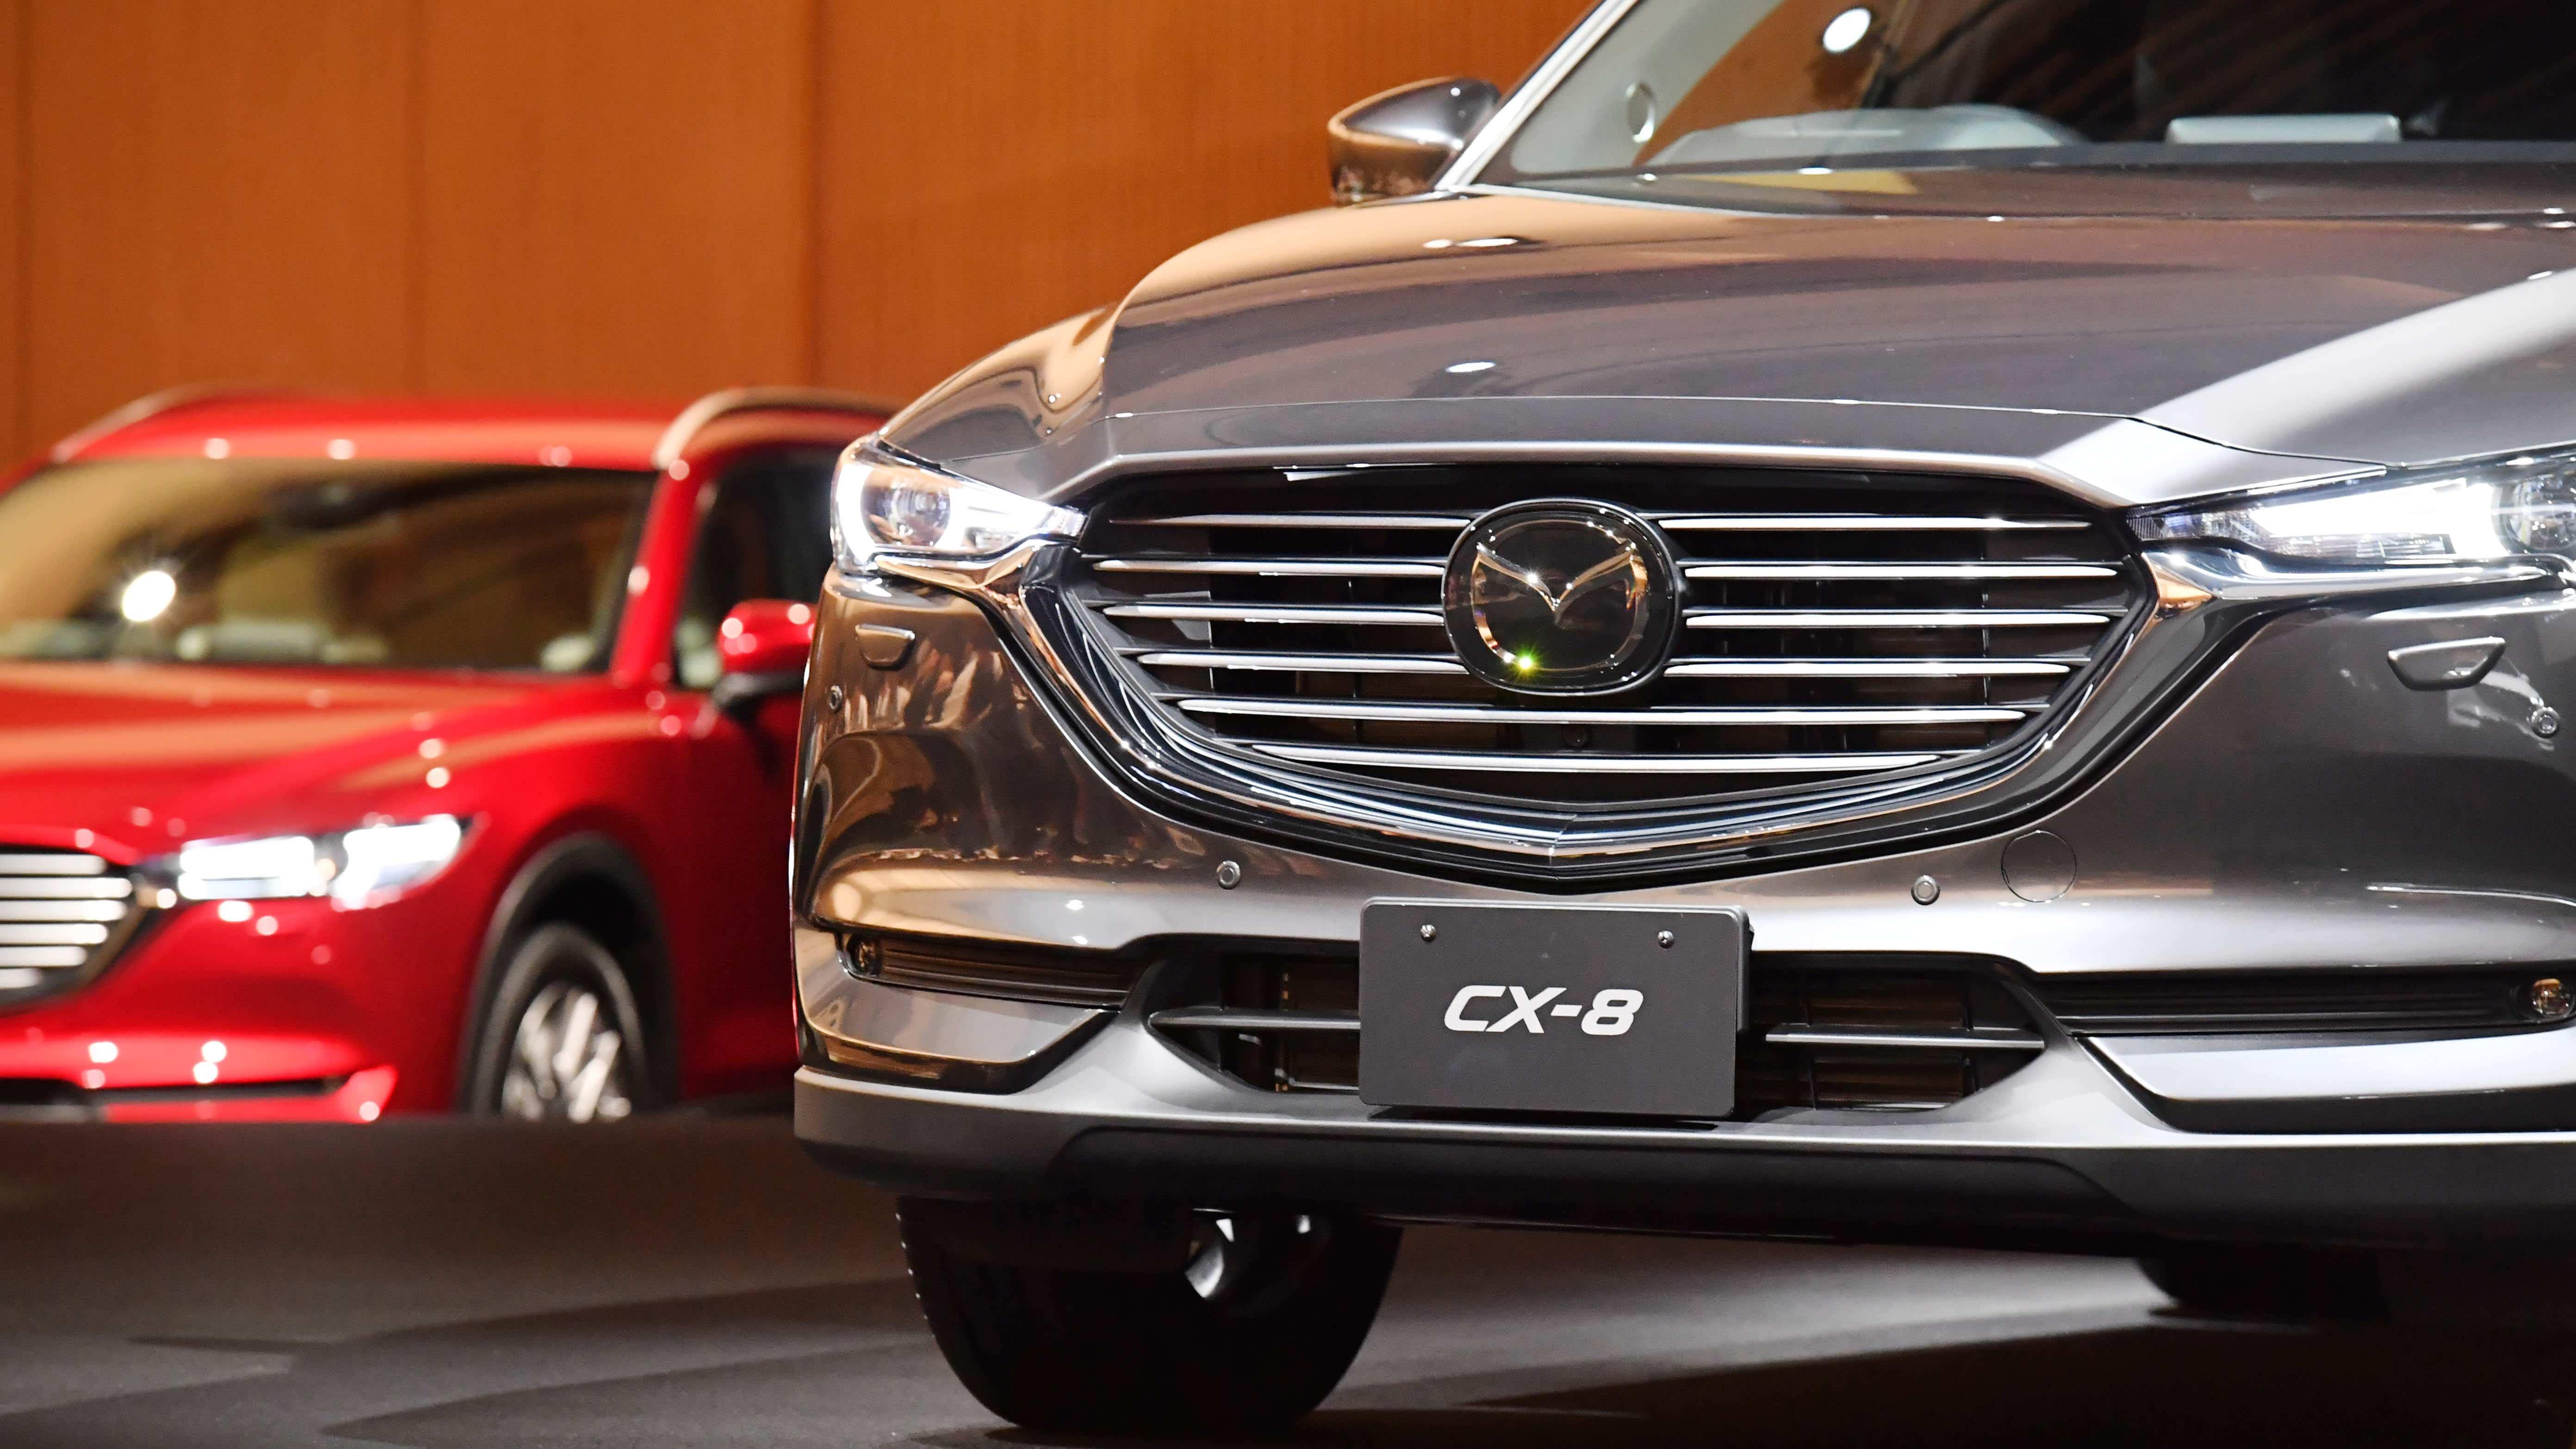 26 The Motor Mazda 2020 Pricing with Motor Mazda 2020